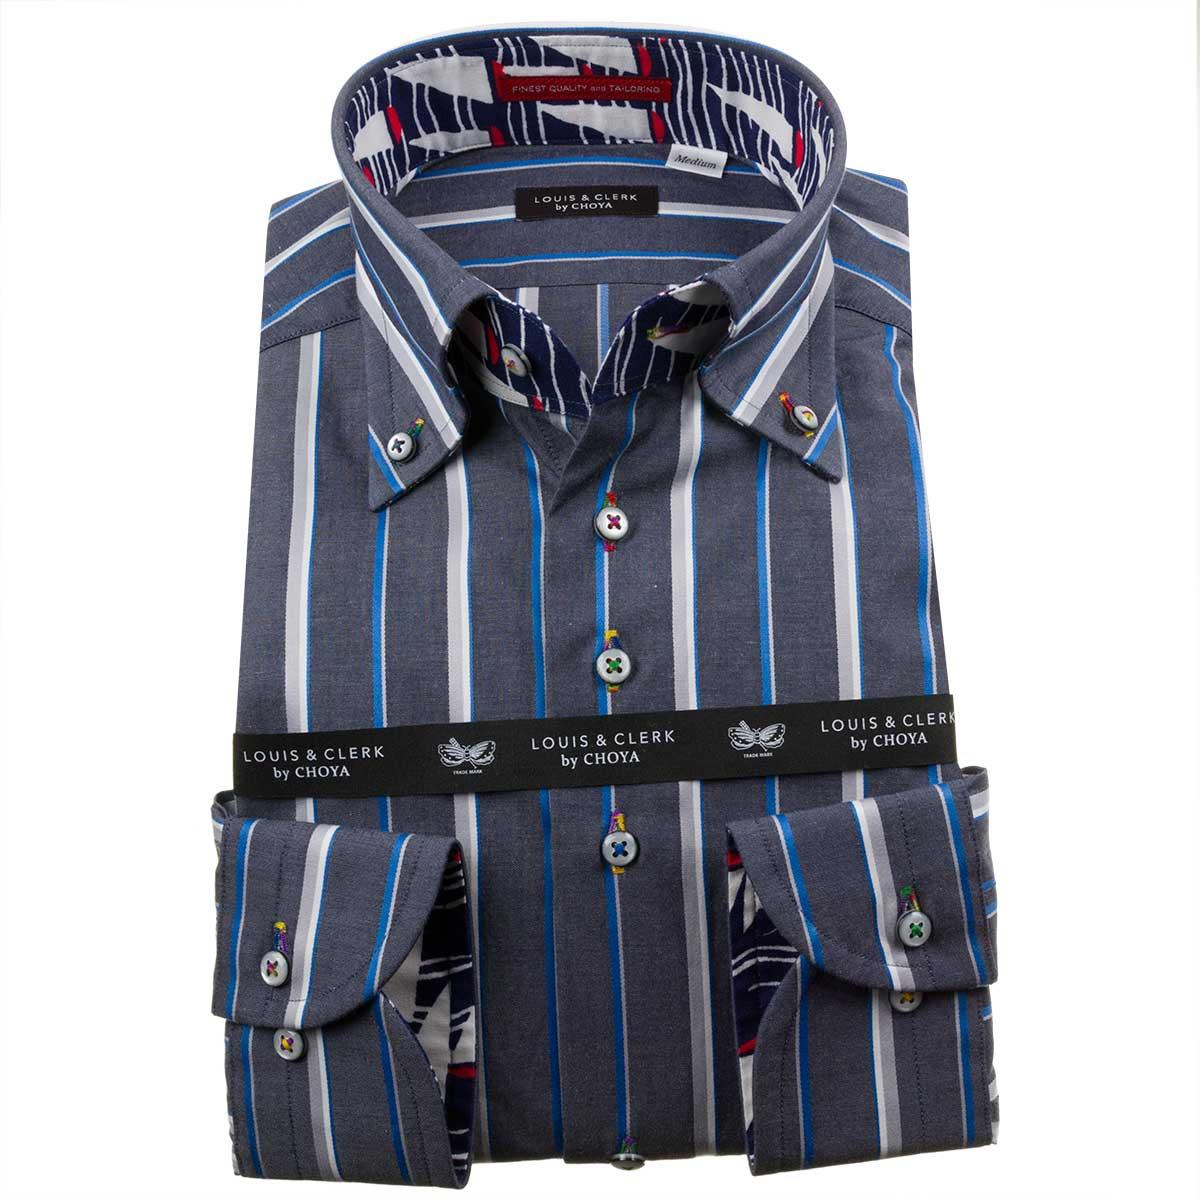 ドレスシャツ ワイシャツ シャツ メンズ 国産 長袖 綿100% コンフォート ボタンダウン グレーネイビー シックシンストライプ 1911 fs3gm